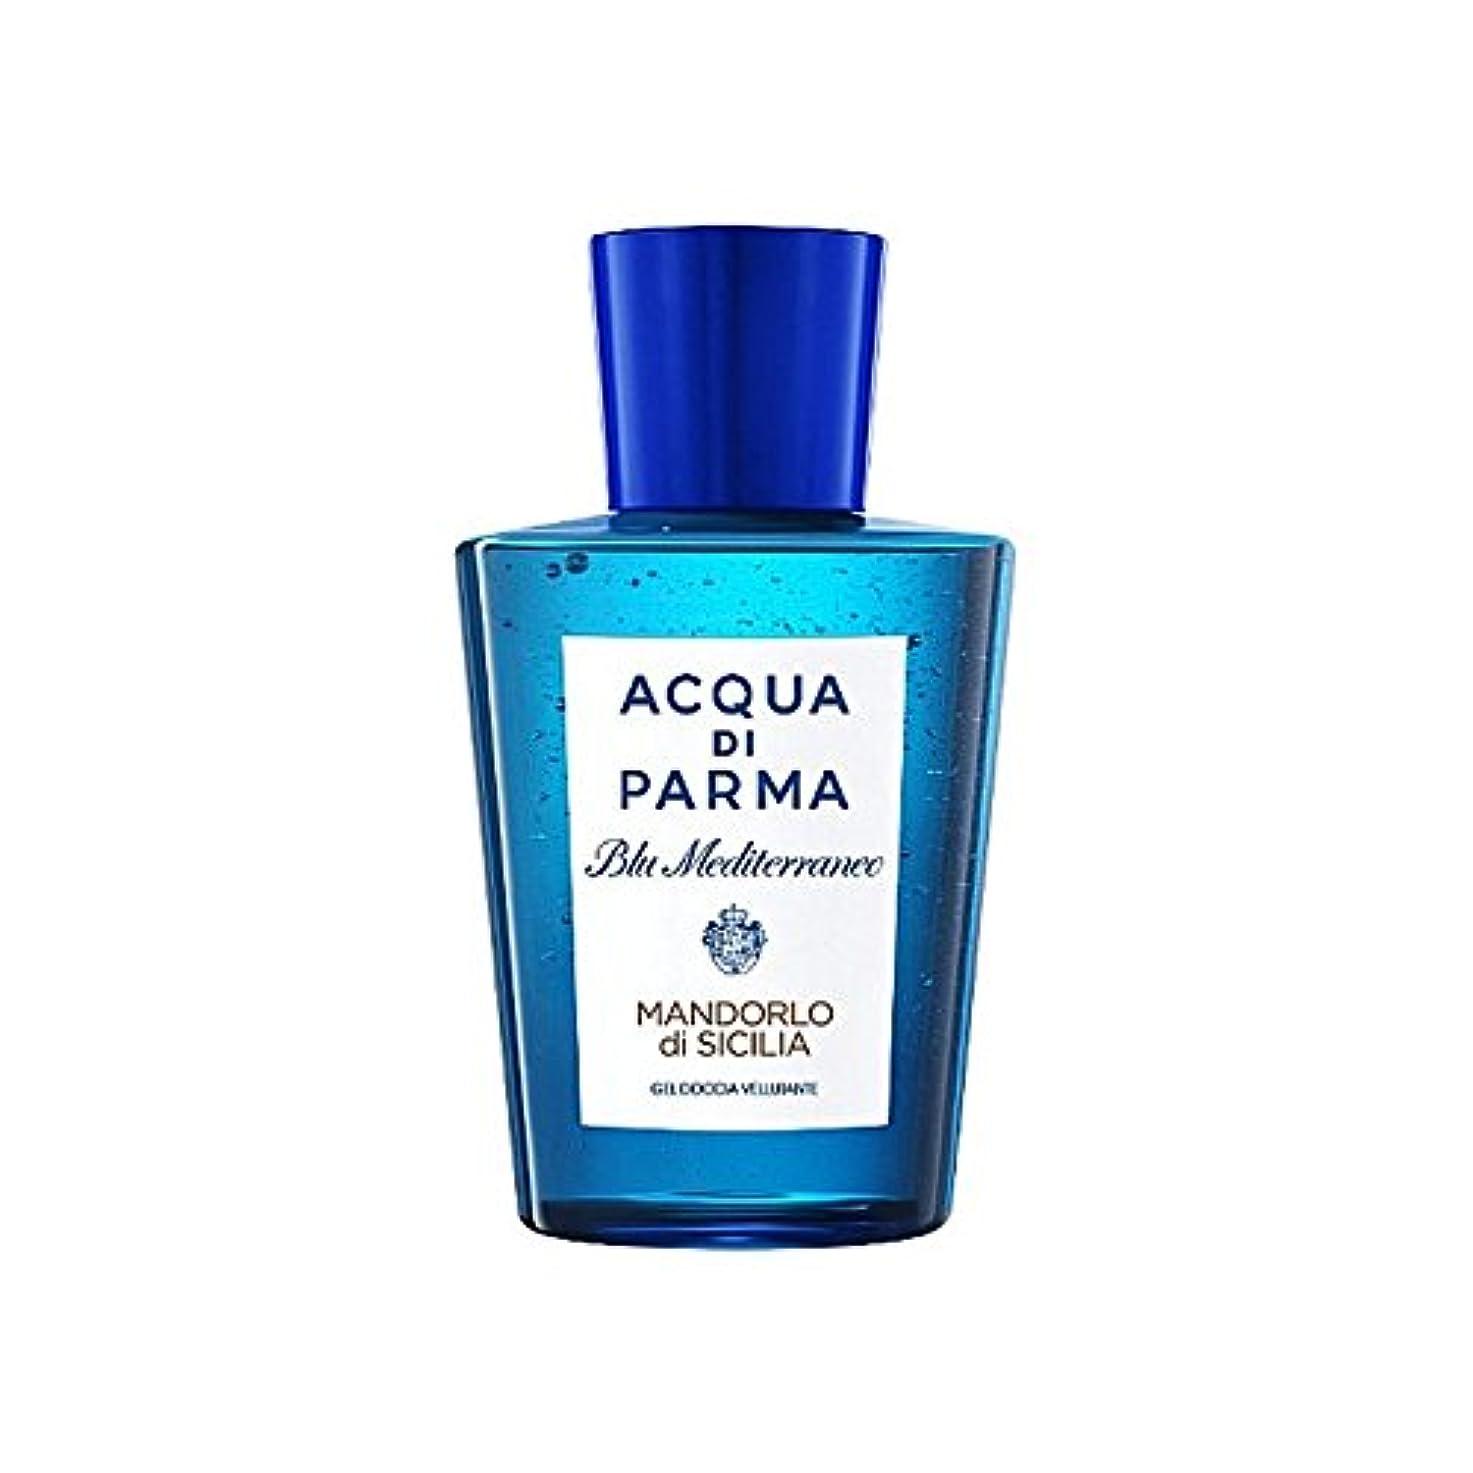 知覚できるジャンピングジャック聴衆Acqua Di Parma Blu Mediterraneo Mandorlo Di Sicilia Shower Gel 200ml - アクアディパルマブルーメディマンドルロディシチリアシャワージェル200 [並行輸入品]